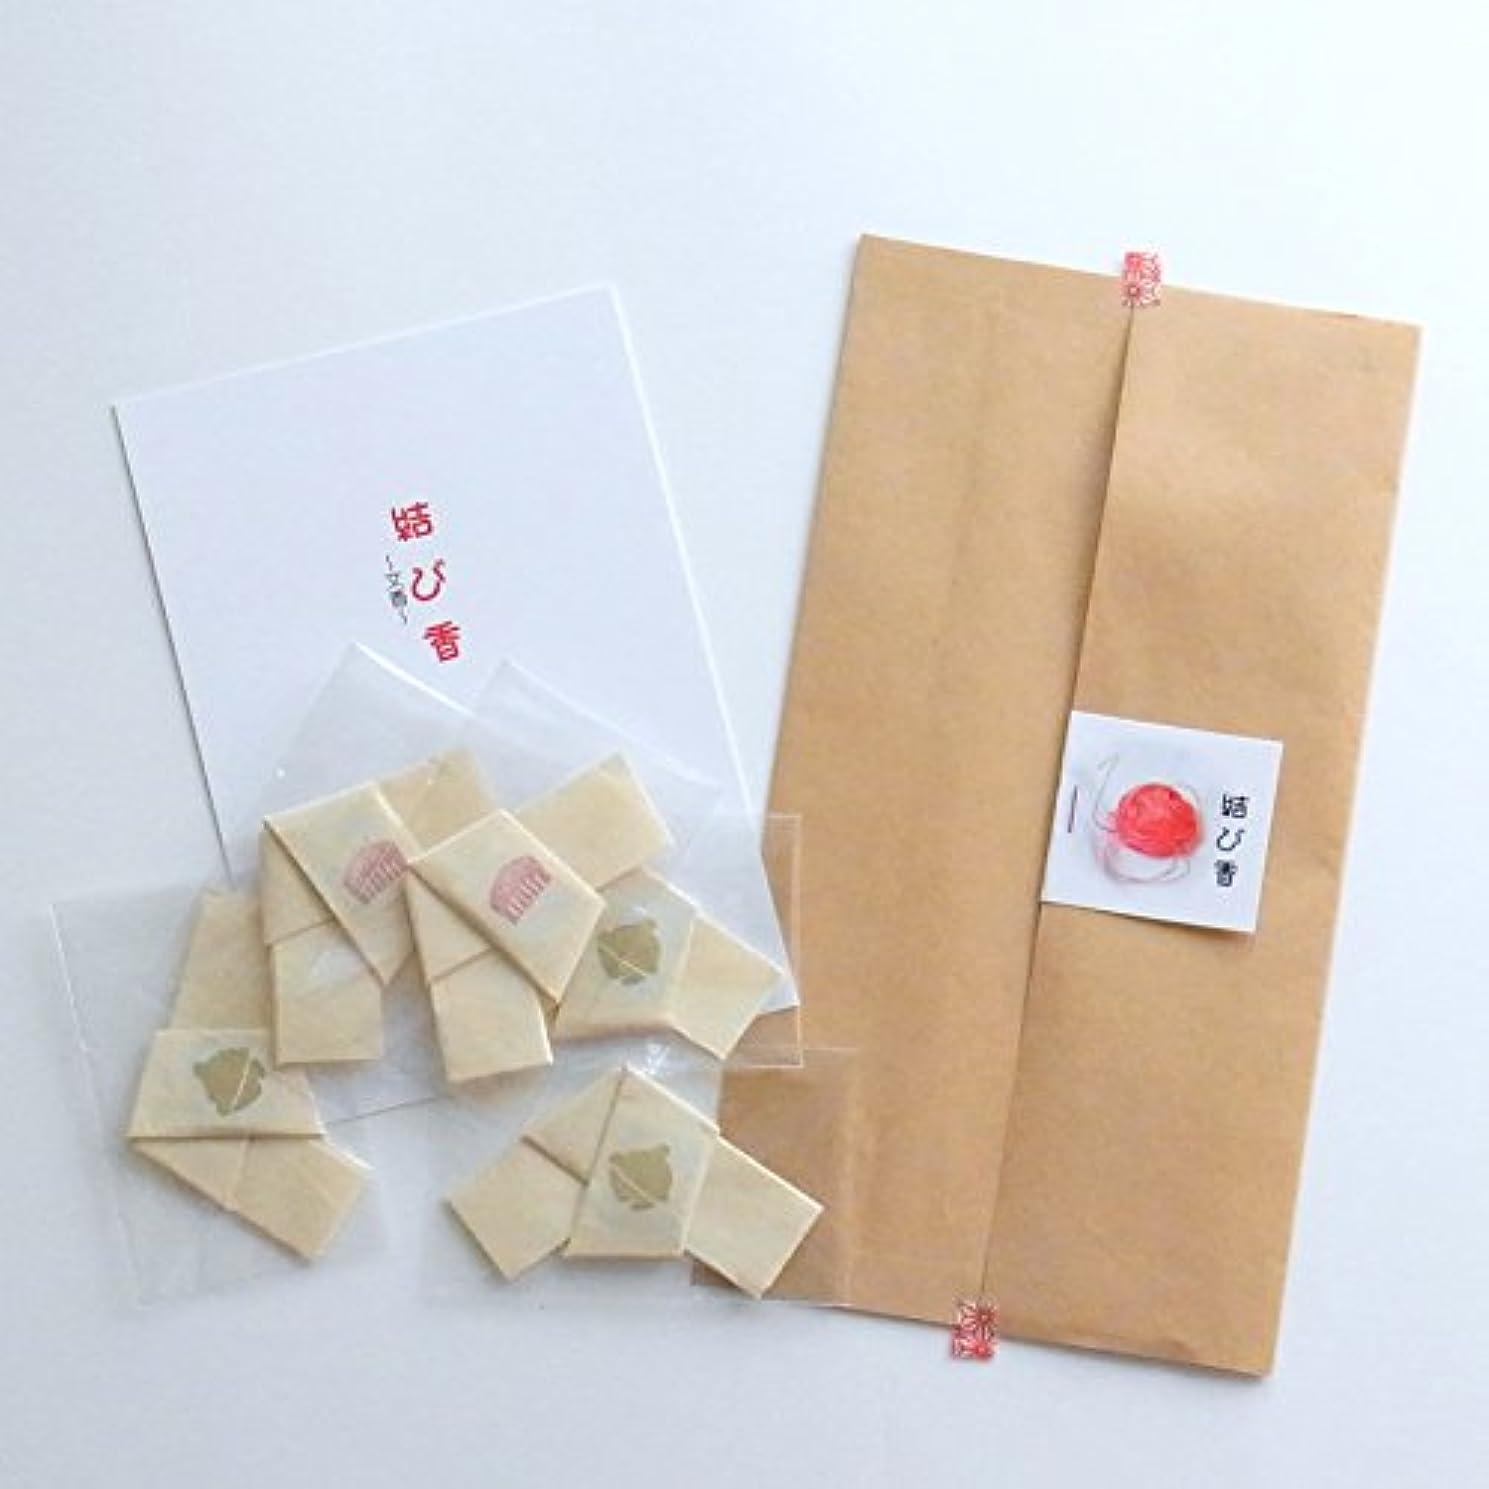 輪郭却下する病弱手紙に添えたり、バッグにしのばせてご縁を結ぶ【結び香】